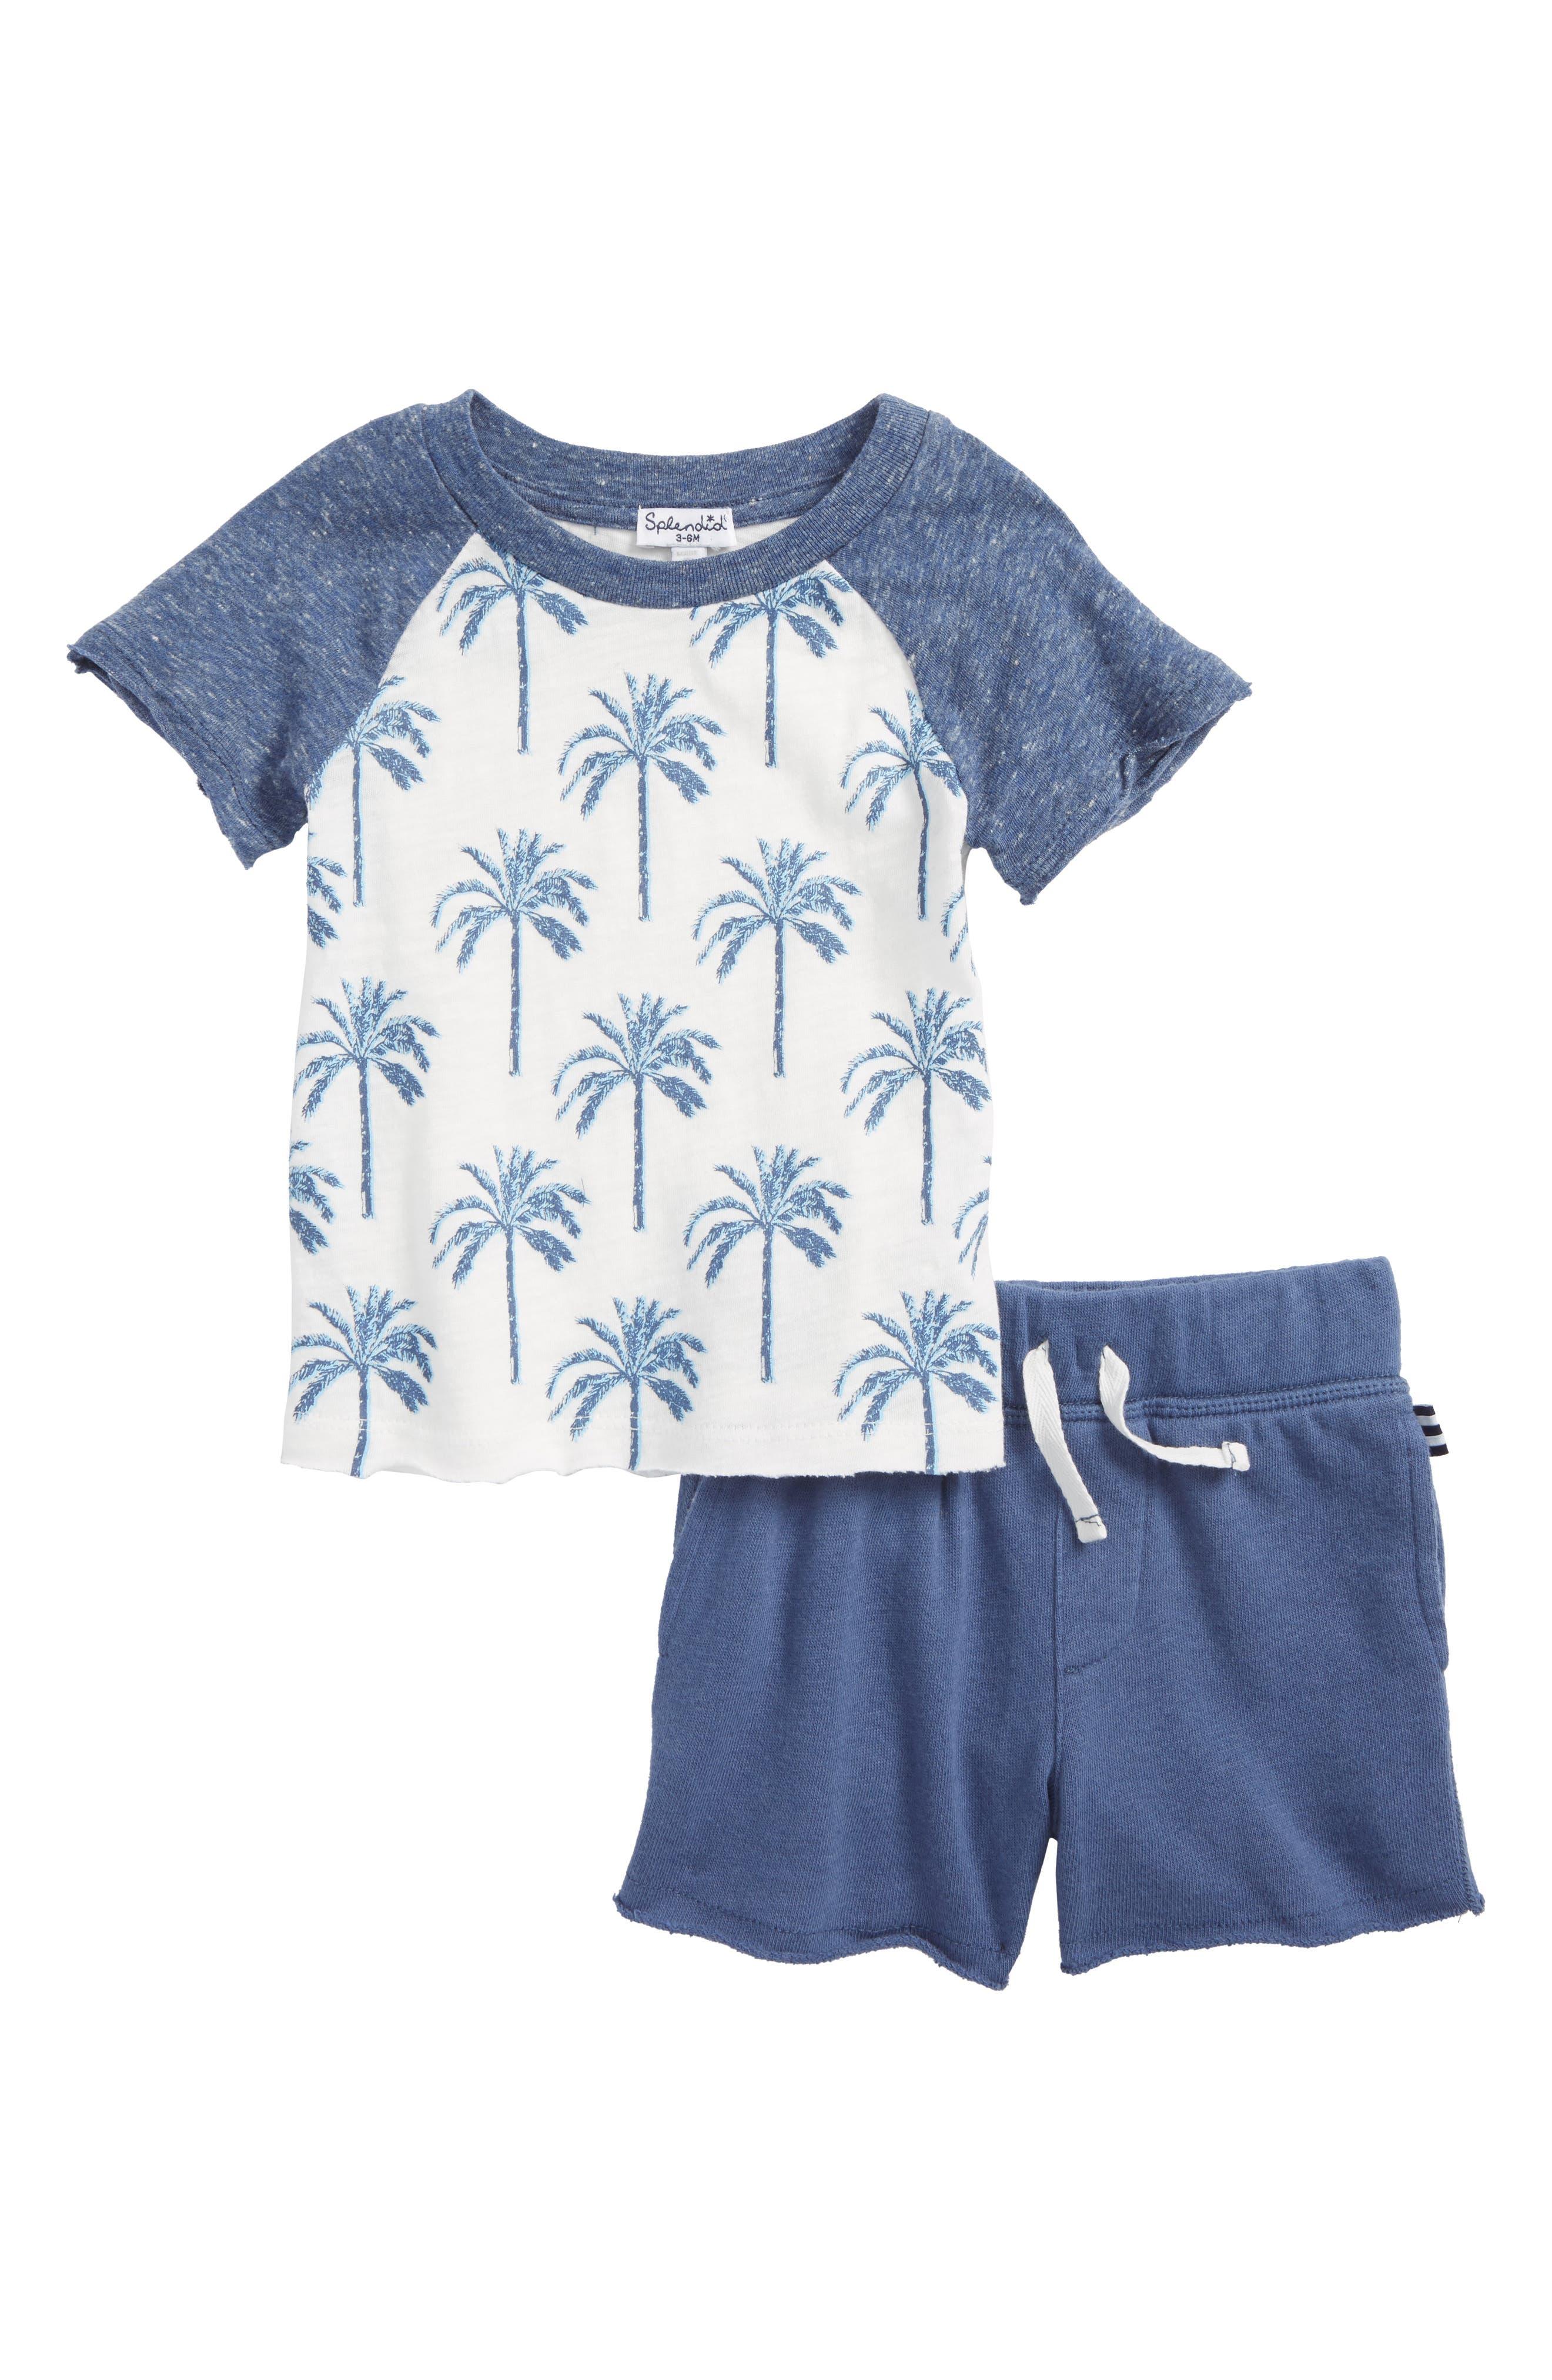 Main Image - Splendid Palm Print T-Shirt & Shorts Set (Baby)